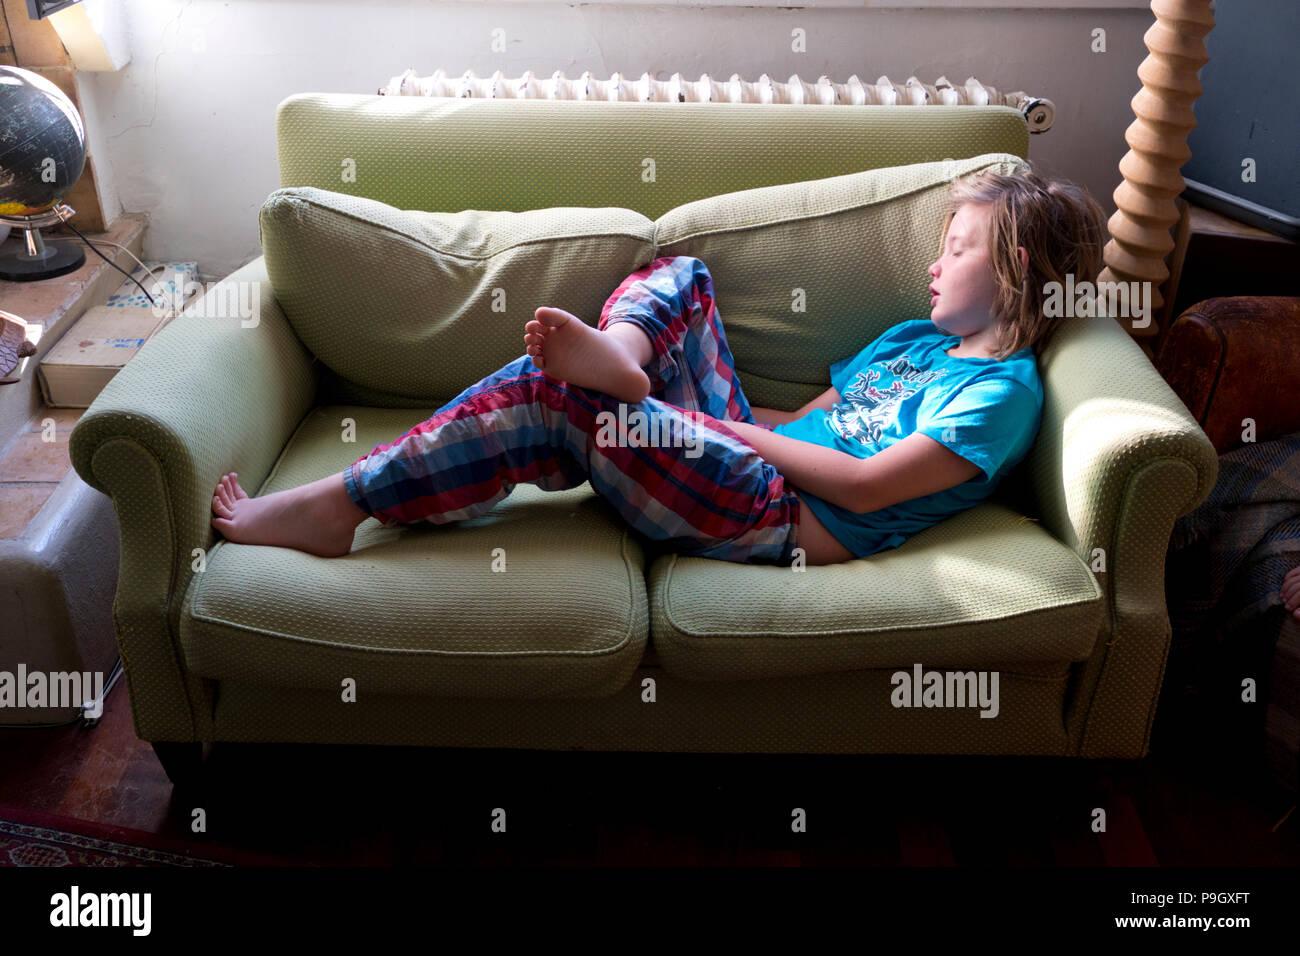 Ein 11 Jahre alter Junge mit langen Haaren liegt schlafend in seinem Schlafanzug auf einem Sofa in seinem Haus Stockbild